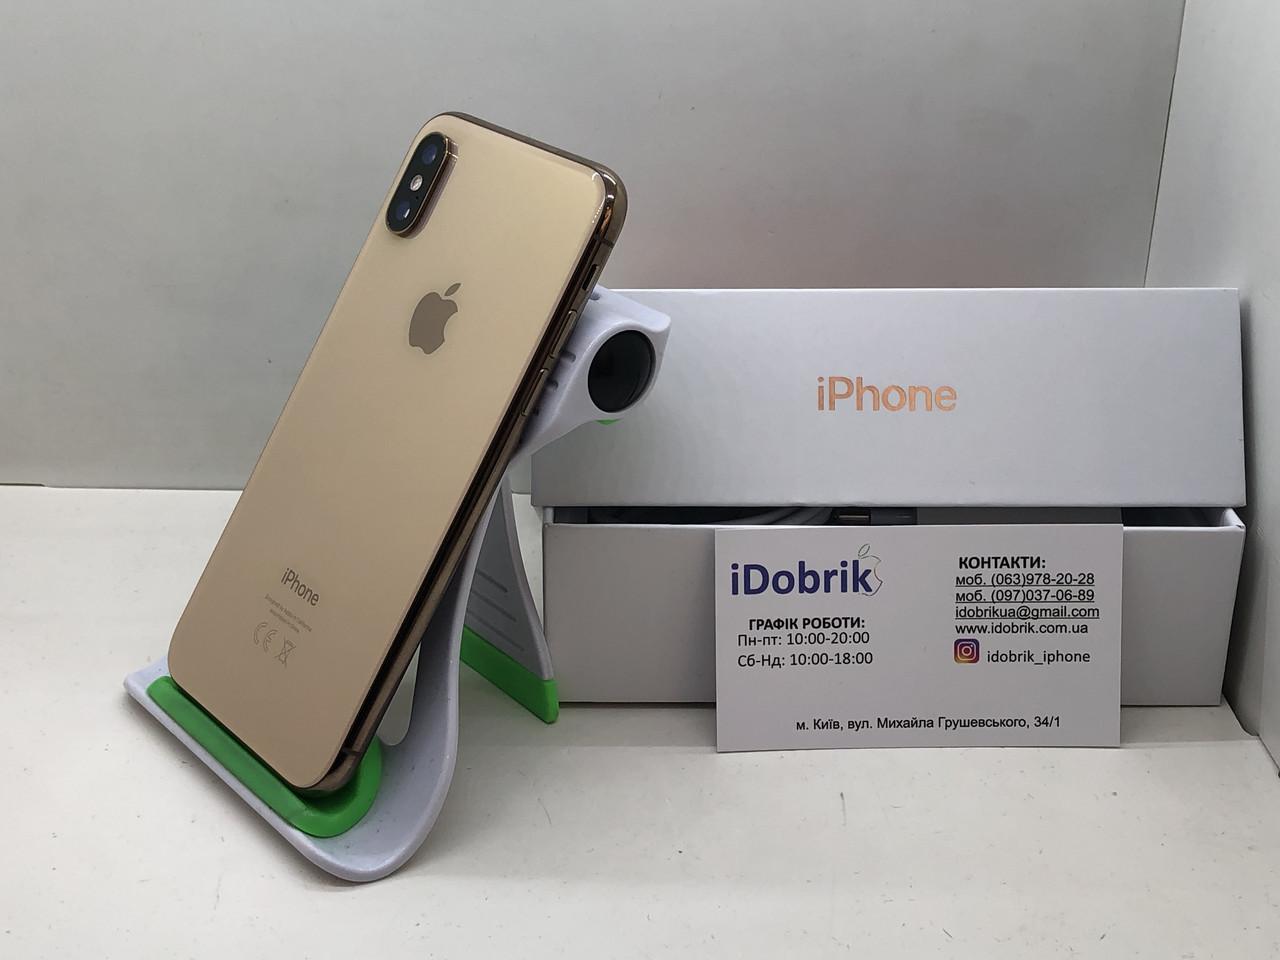 Б/У iPhone XS 256gb Gold Neverlock 9/10